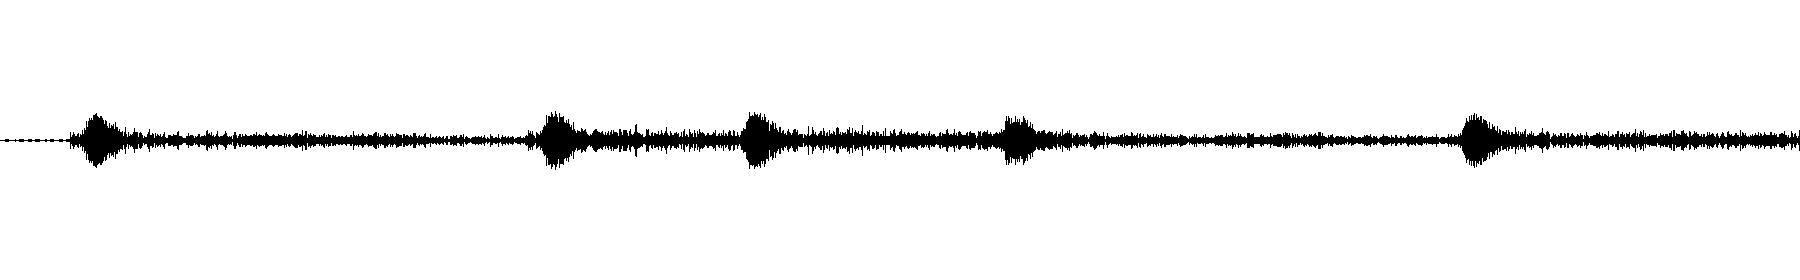 rhythmmonkeys